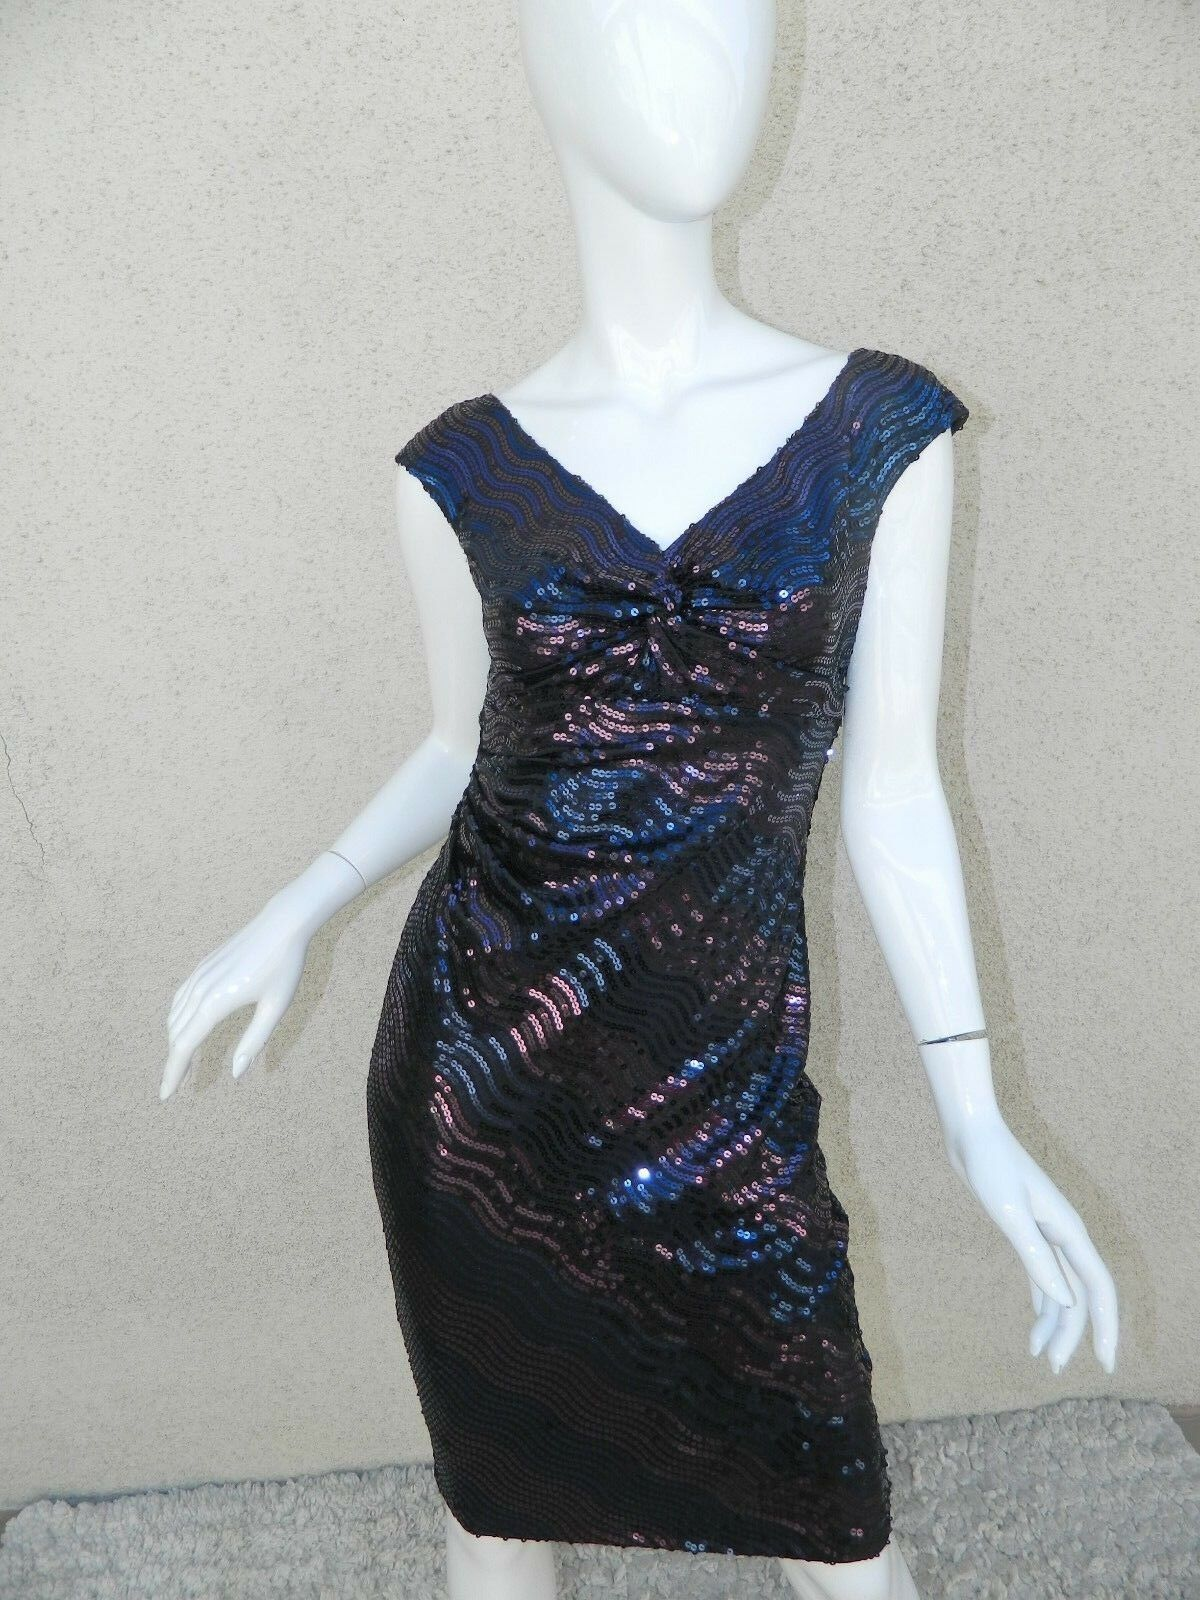 DAVID MEISTER  Dress Navy bluee Purple Iridescent    Sequins  Beaded Sheath  Sz 2 300e6a